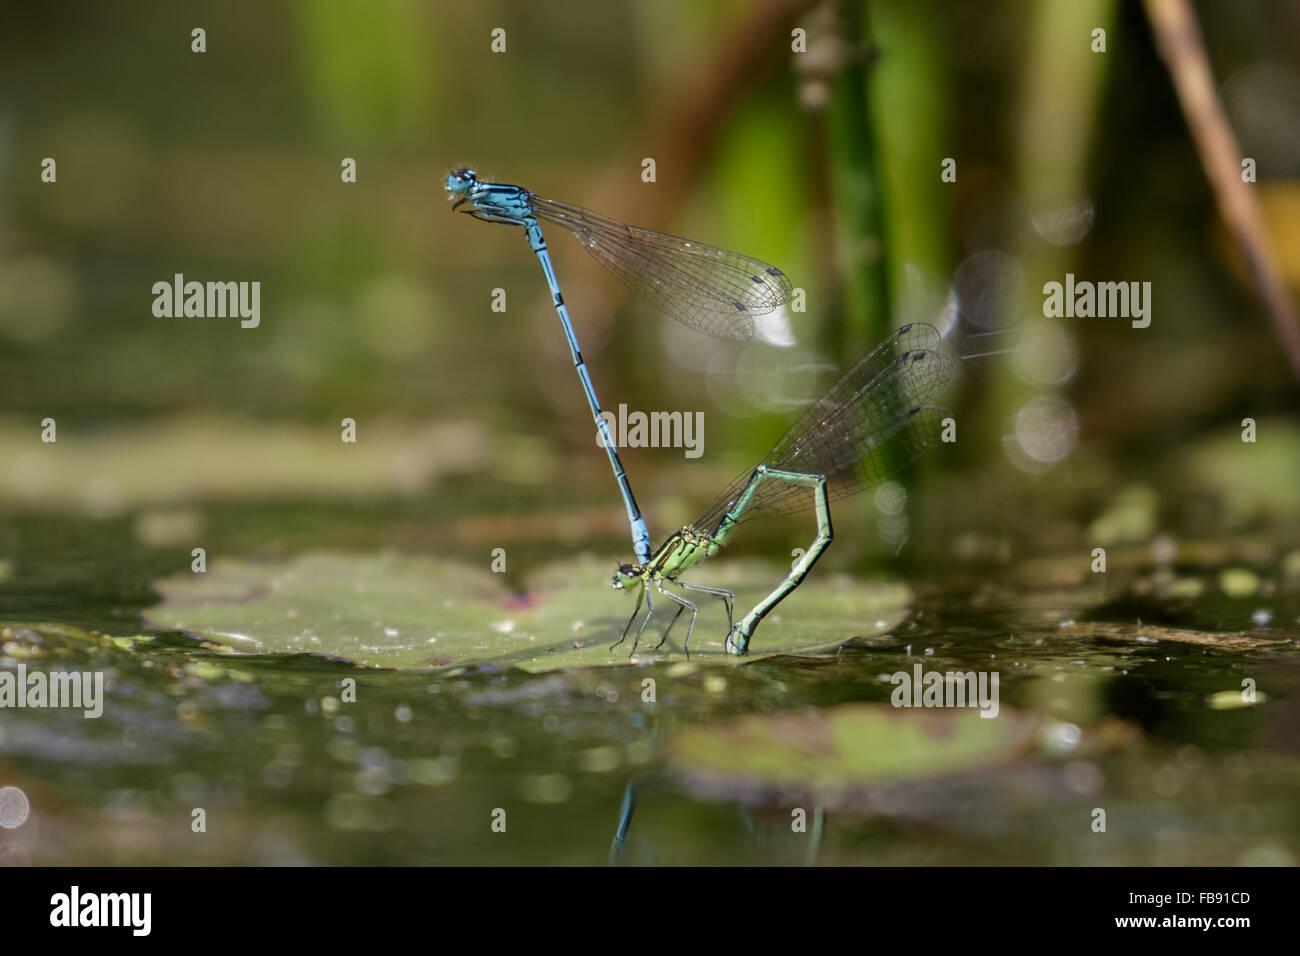 Azure Libellen (Coenagrion Puella) Verlegung von Eiern oder Ovipositiing unter einem Lilypad. Stockbild